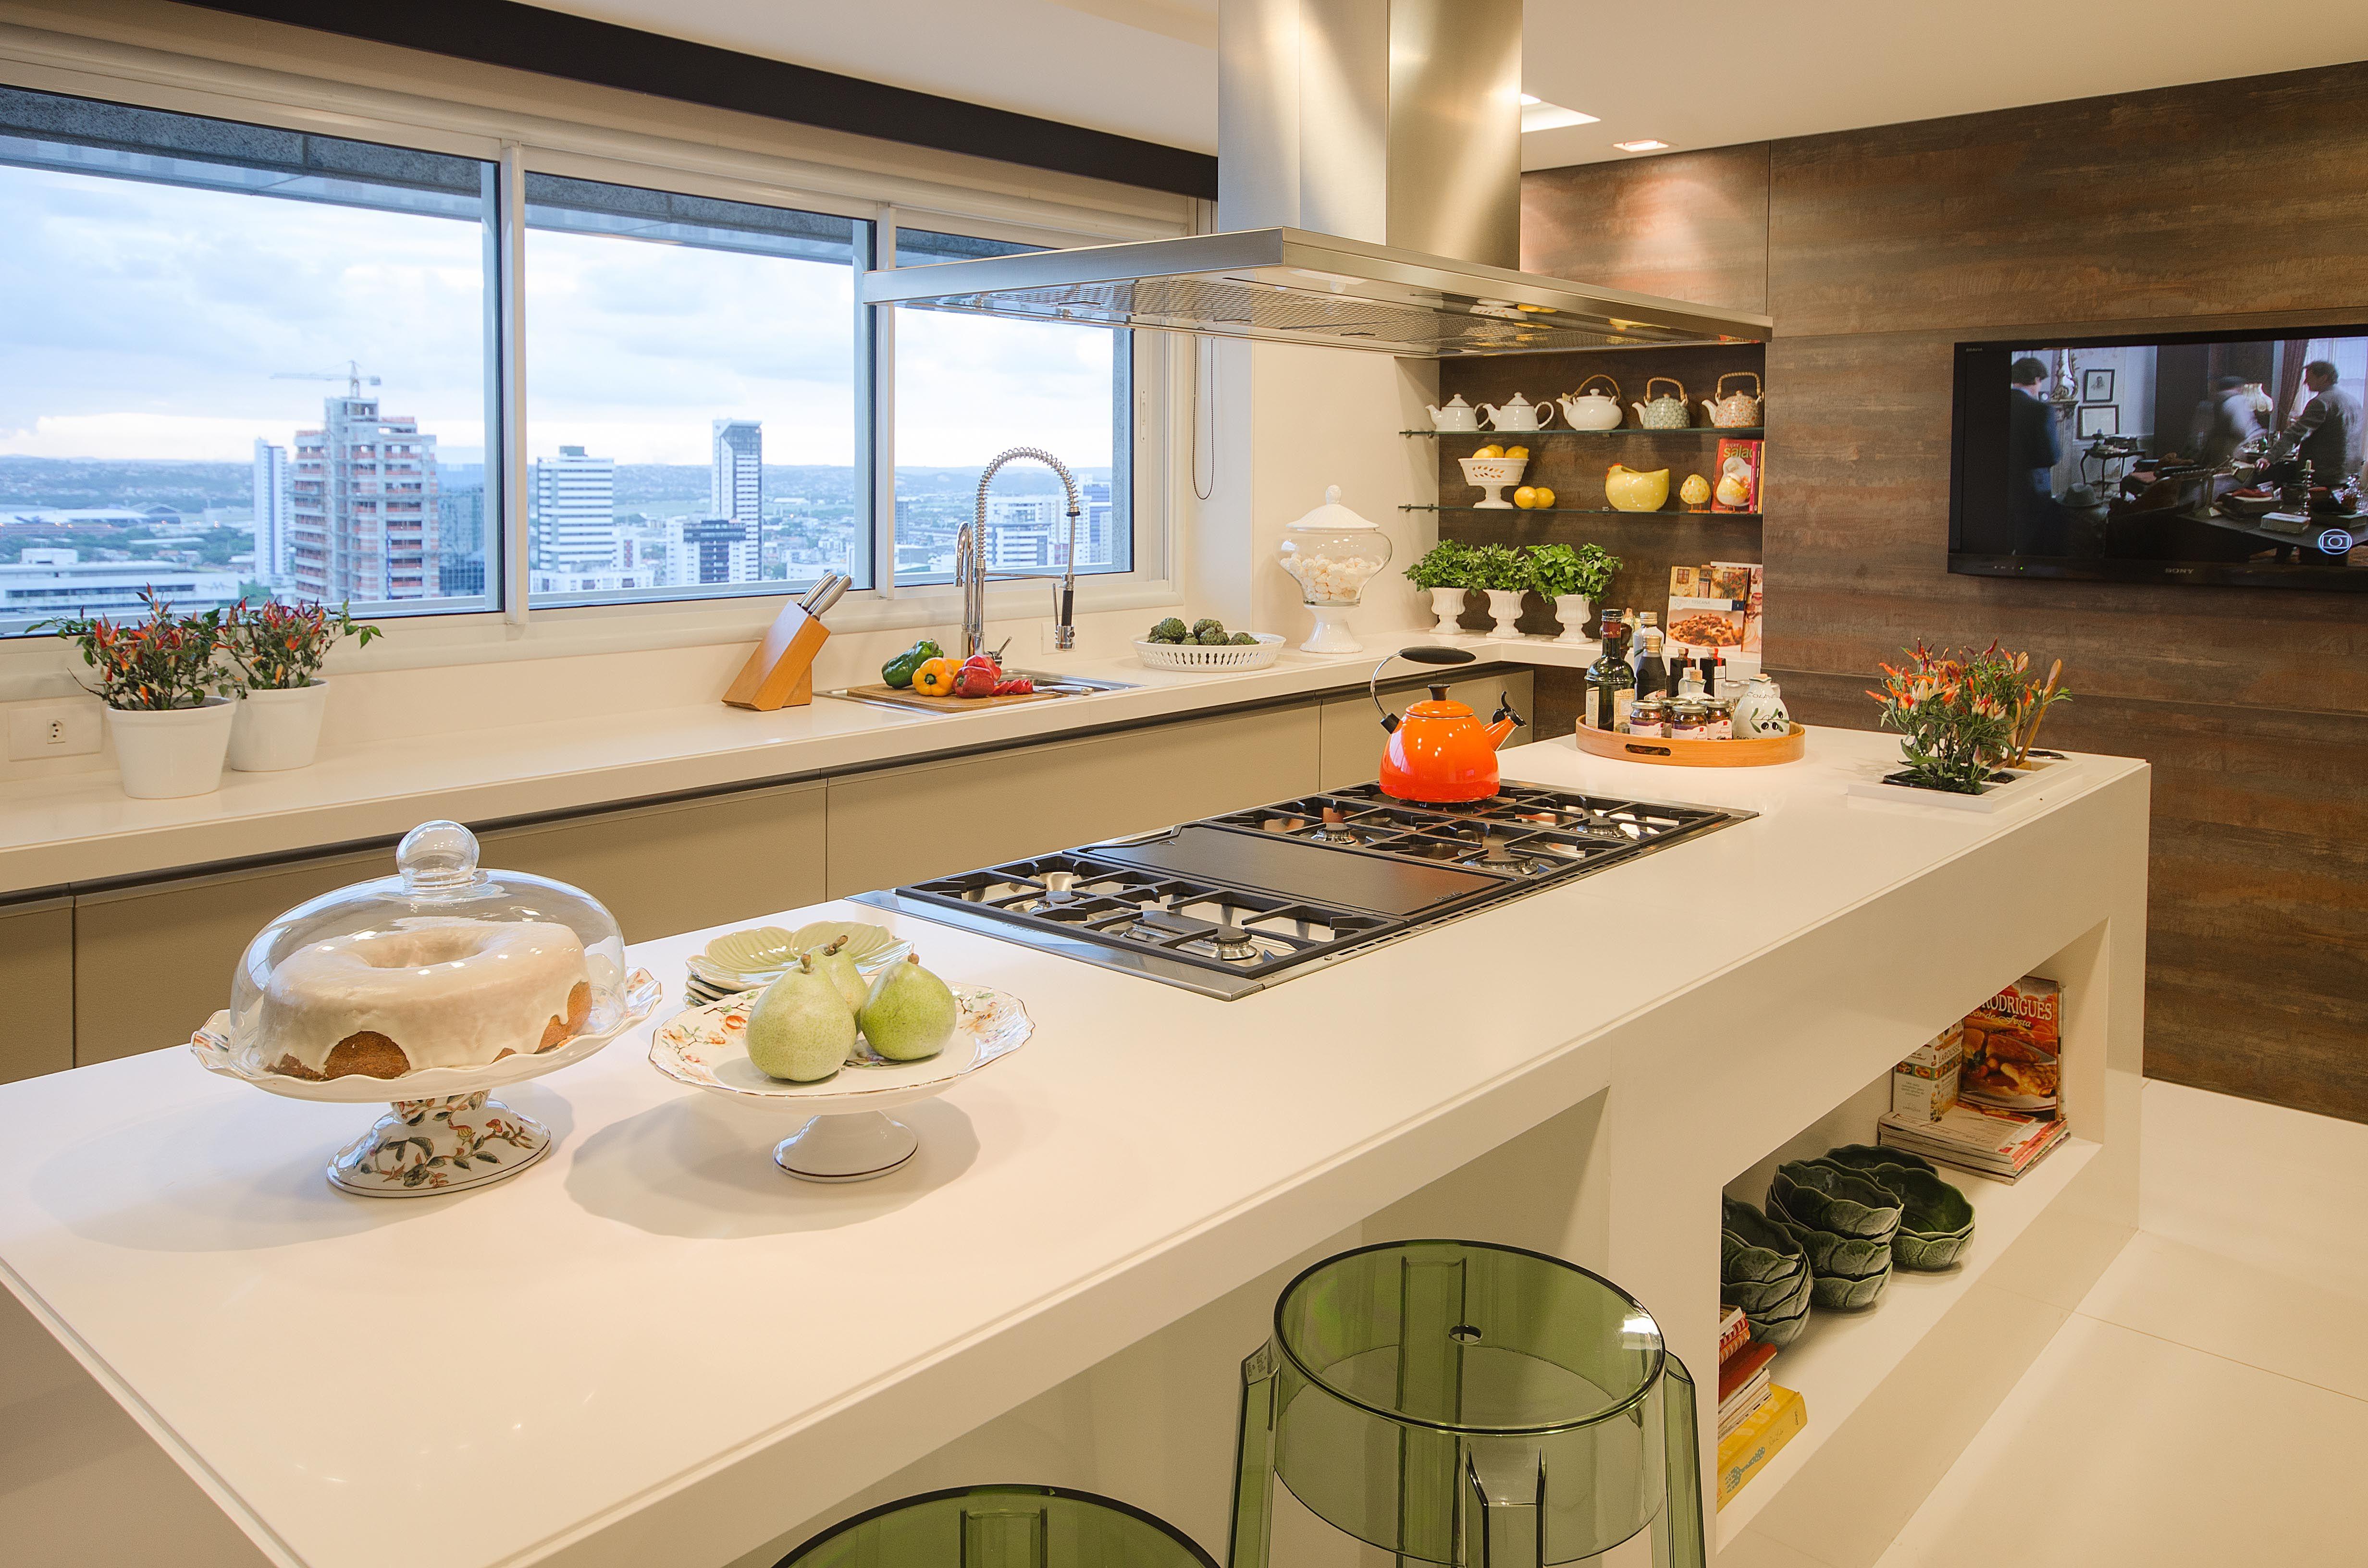 Cozinhas com ilha marcia nejaim #A56826 4928 3264